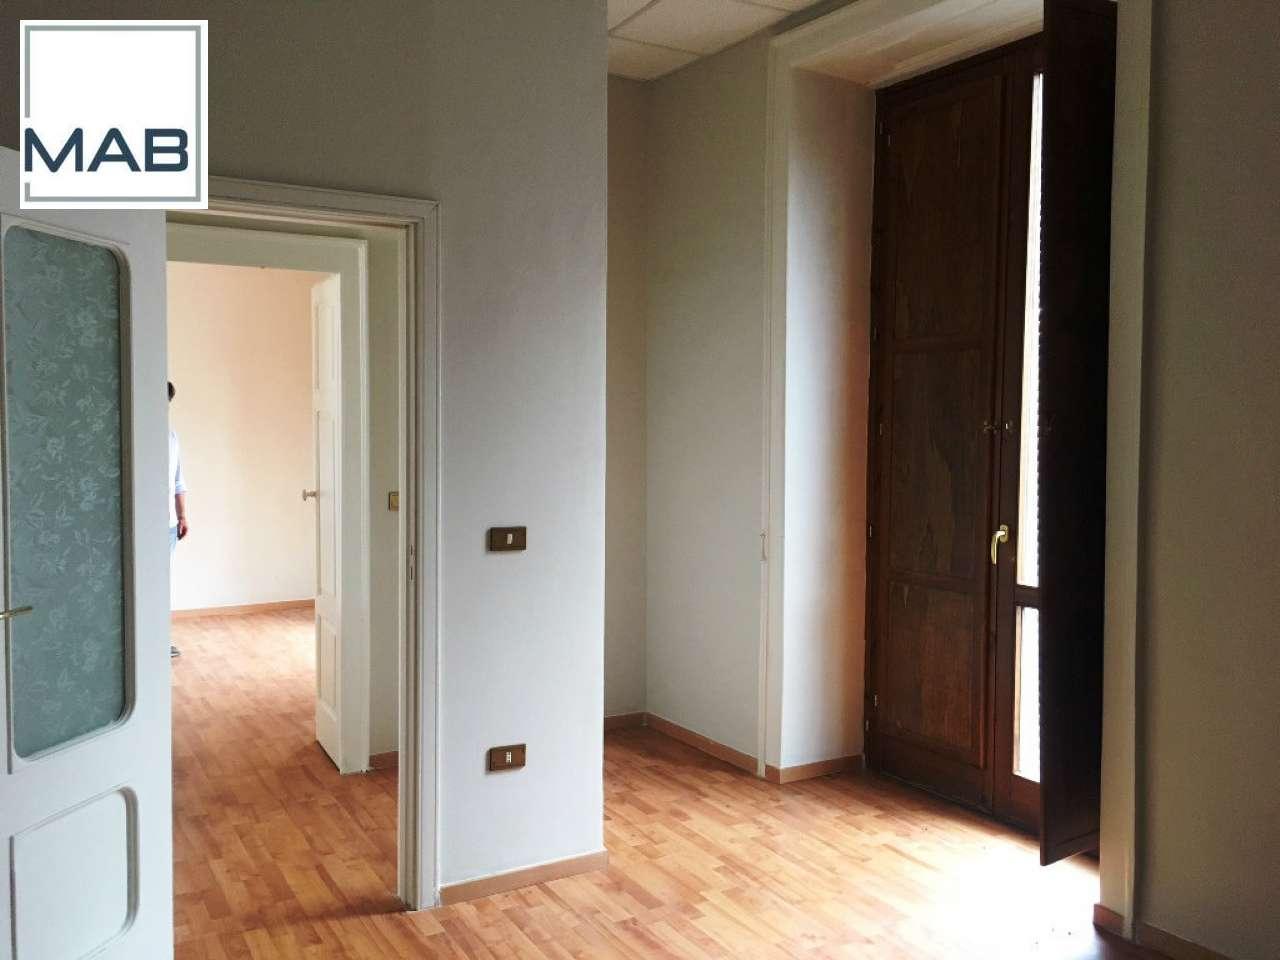 Ufficio / Studio in affitto a Scisciano, 3 locali, prezzo € 400 | CambioCasa.it